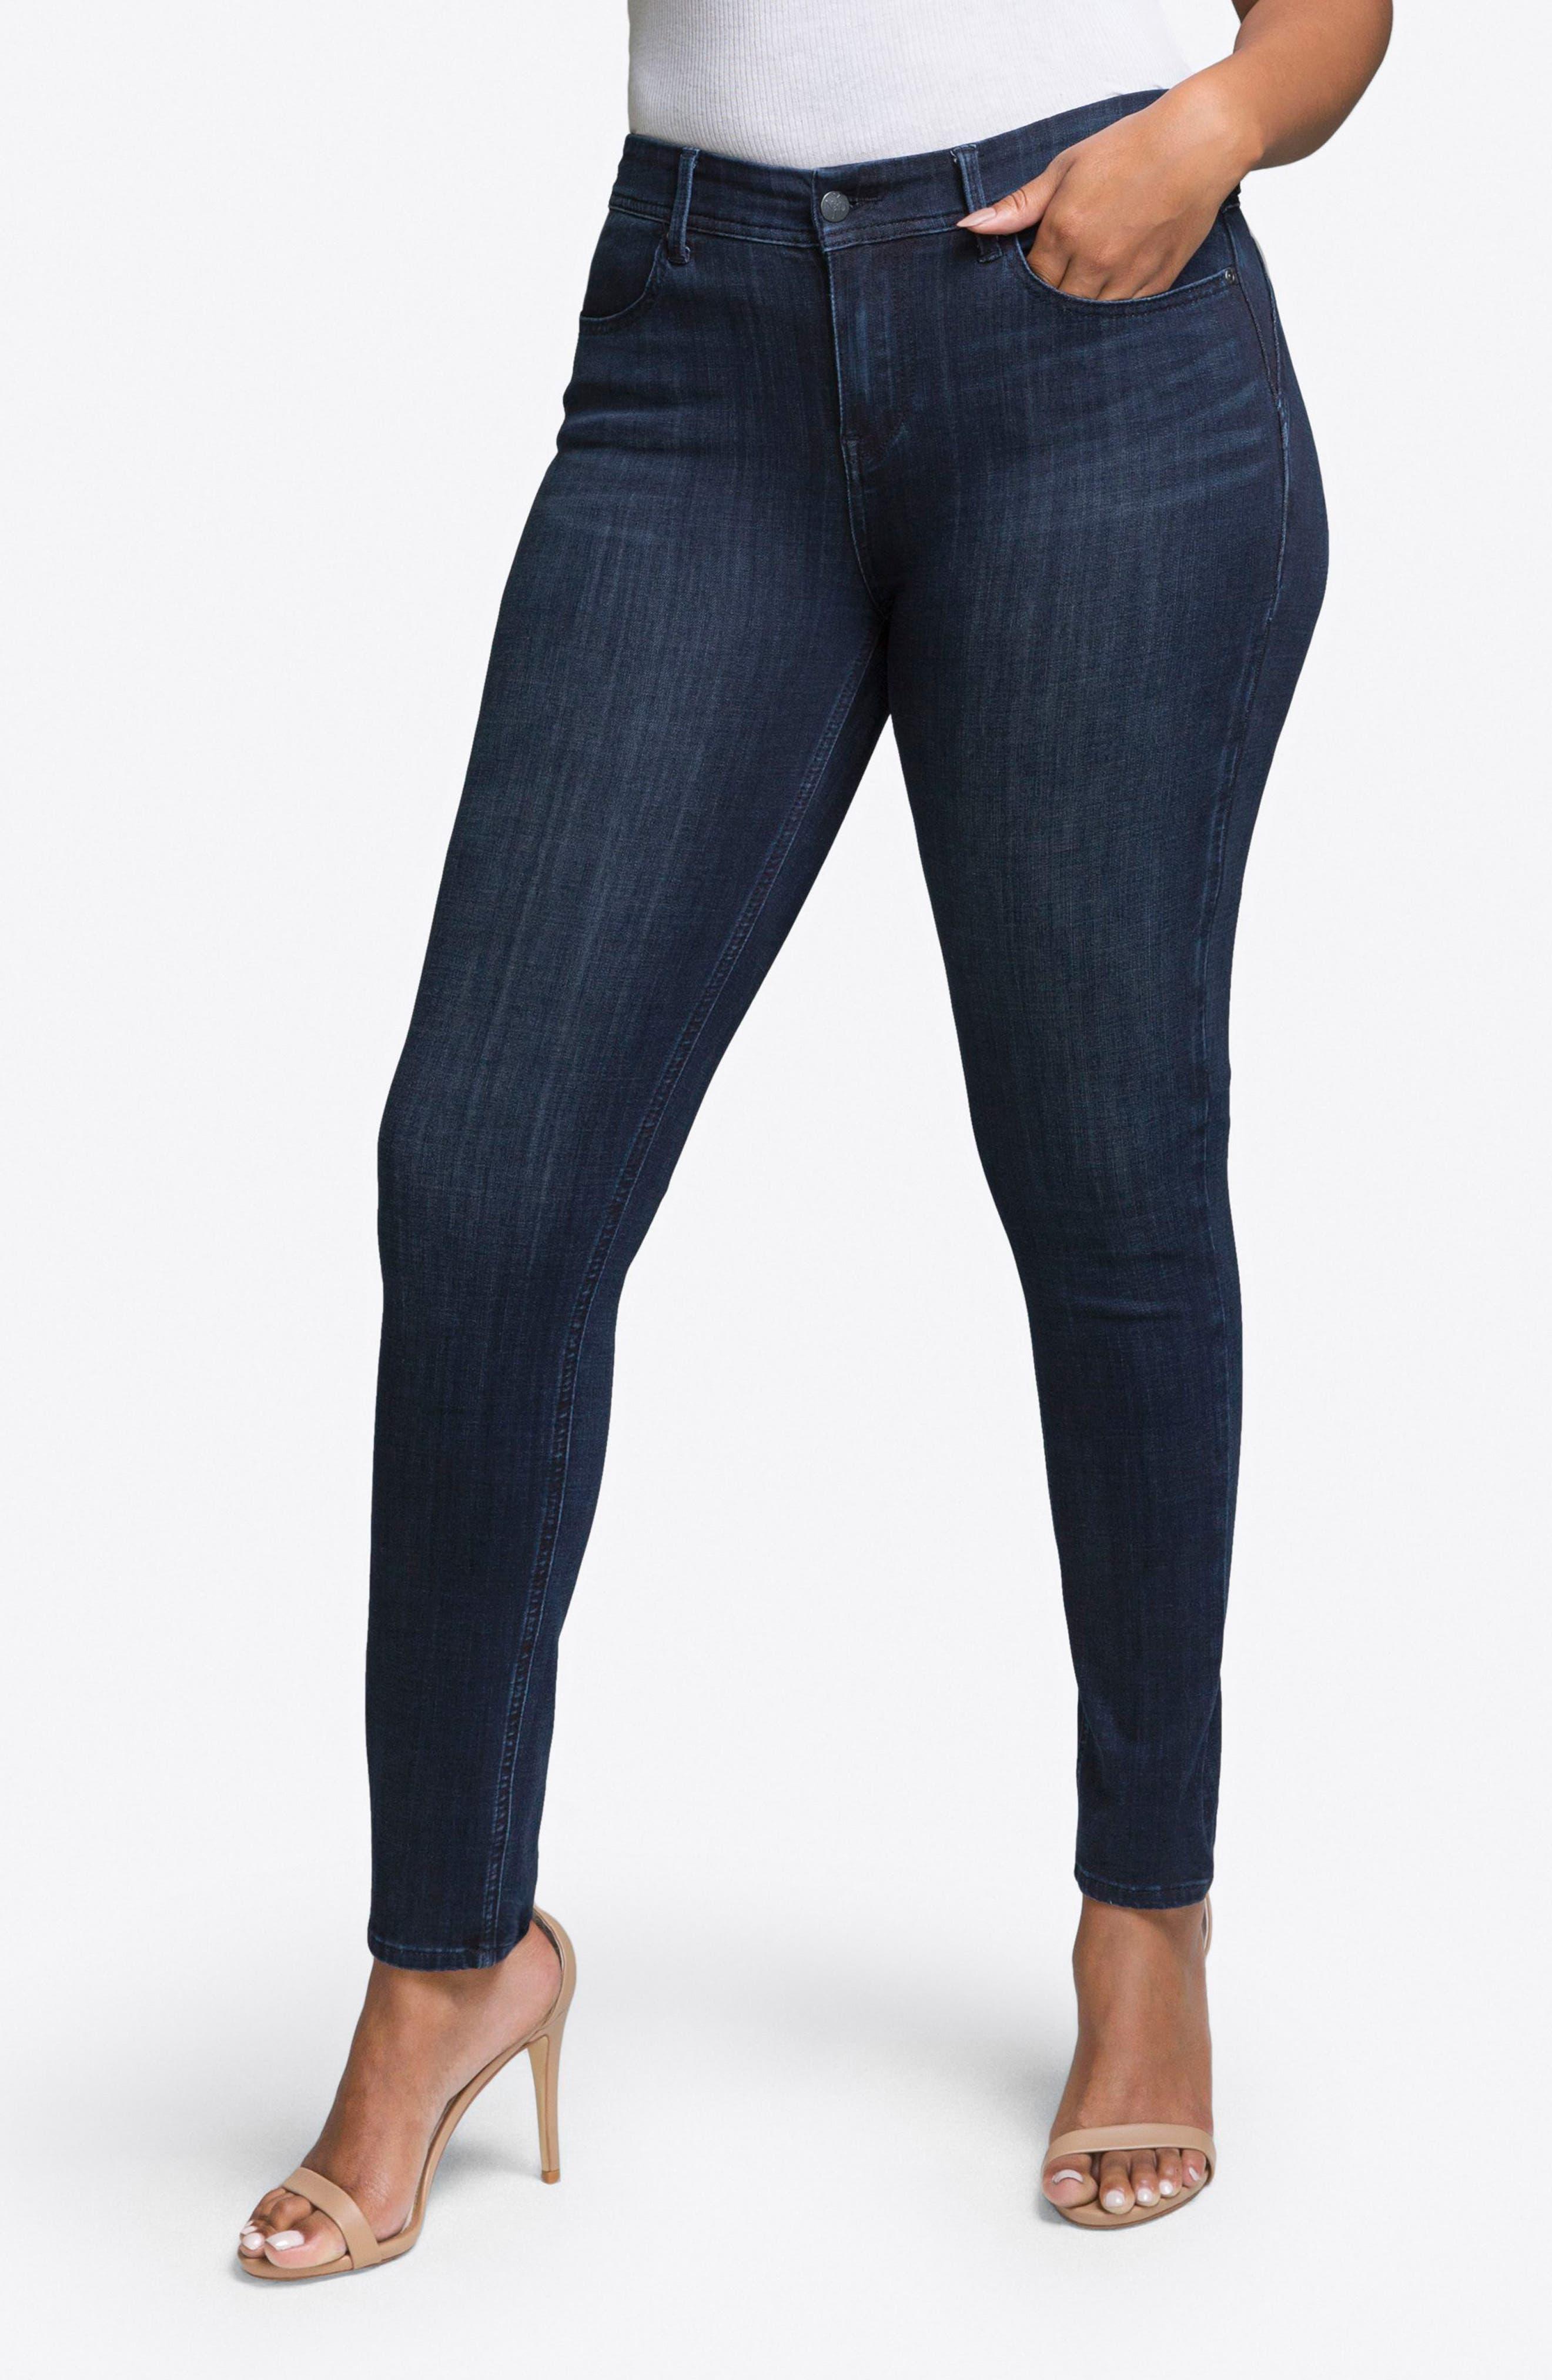 Curves 360 by NYDJ Skinny Jeans (Julius)